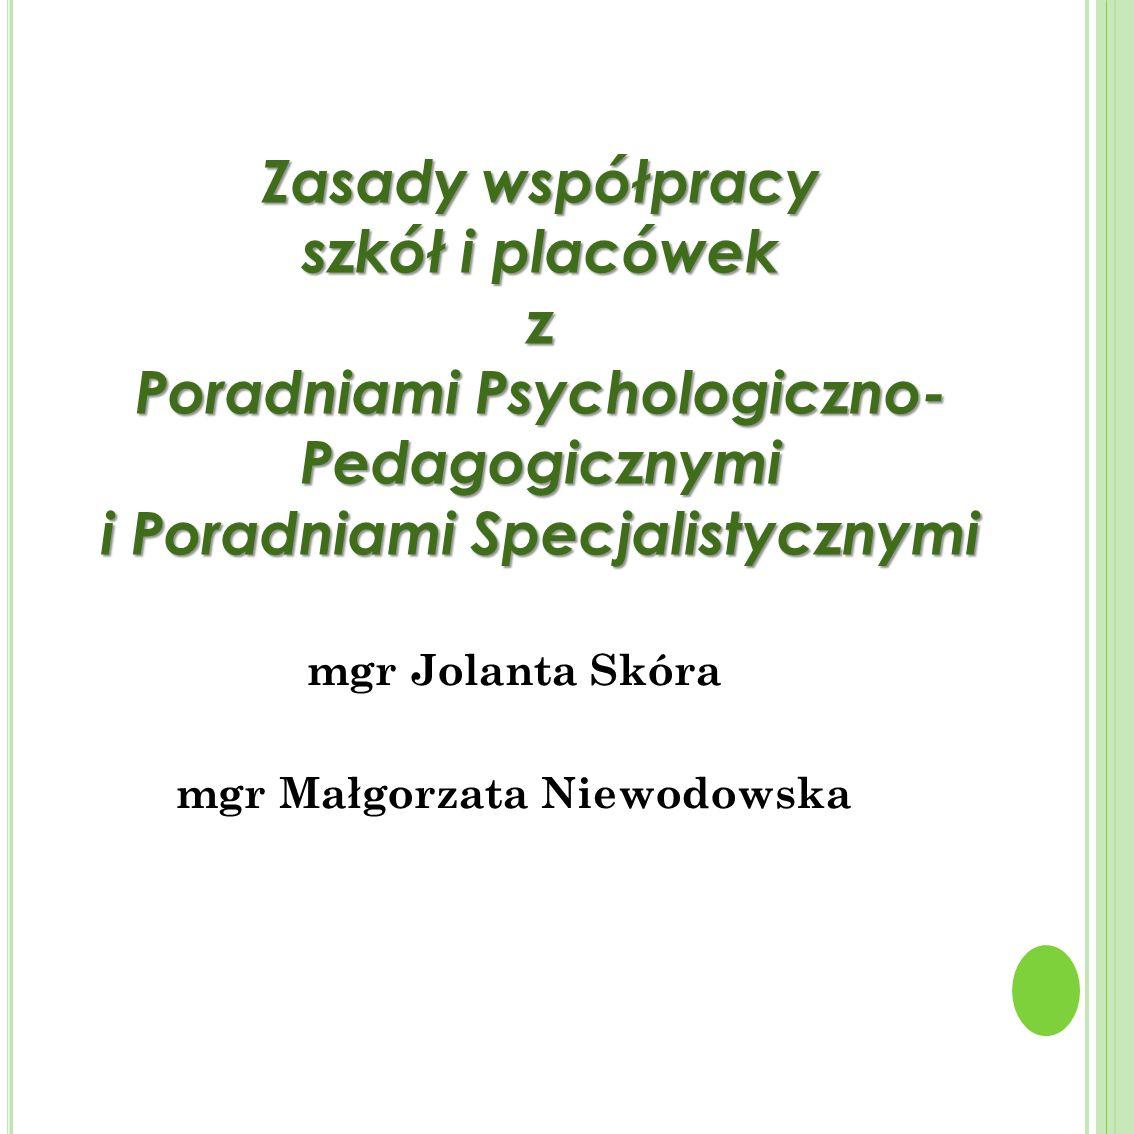 Poradniami Psychologiczno- Pedagogicznymi